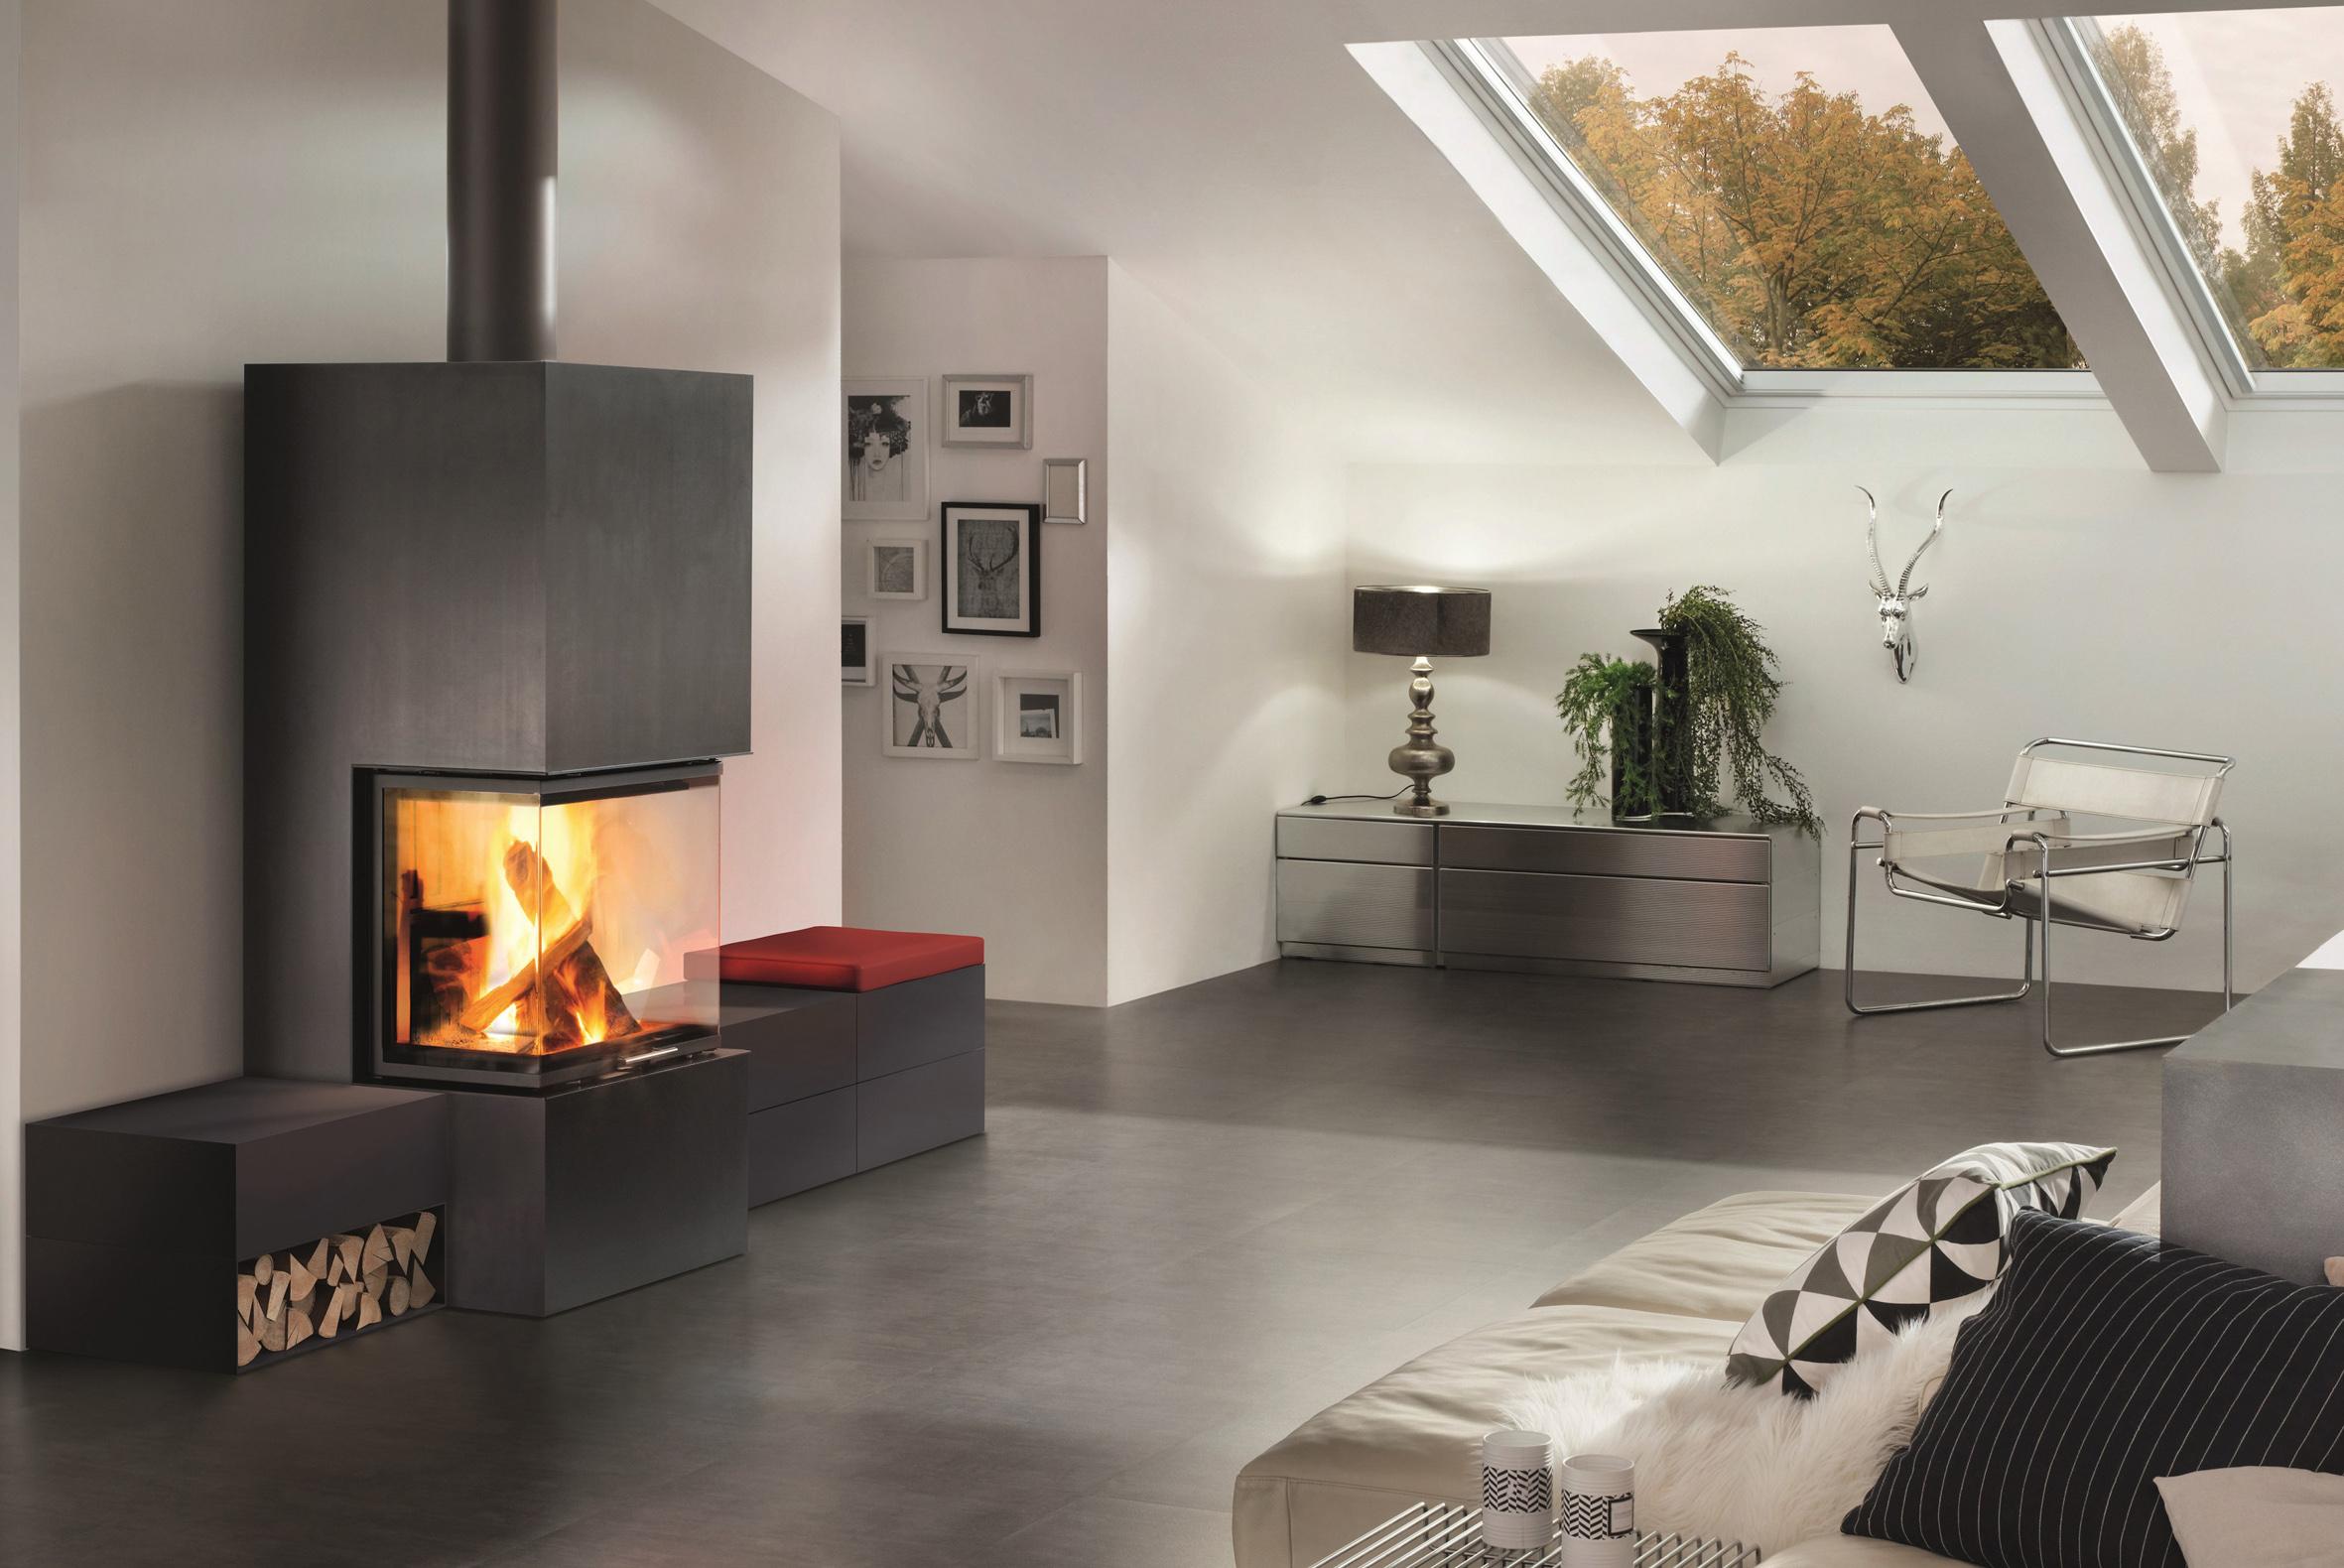 Moderne wohnraumgestaltung design und technik in for Anbauelemente haus